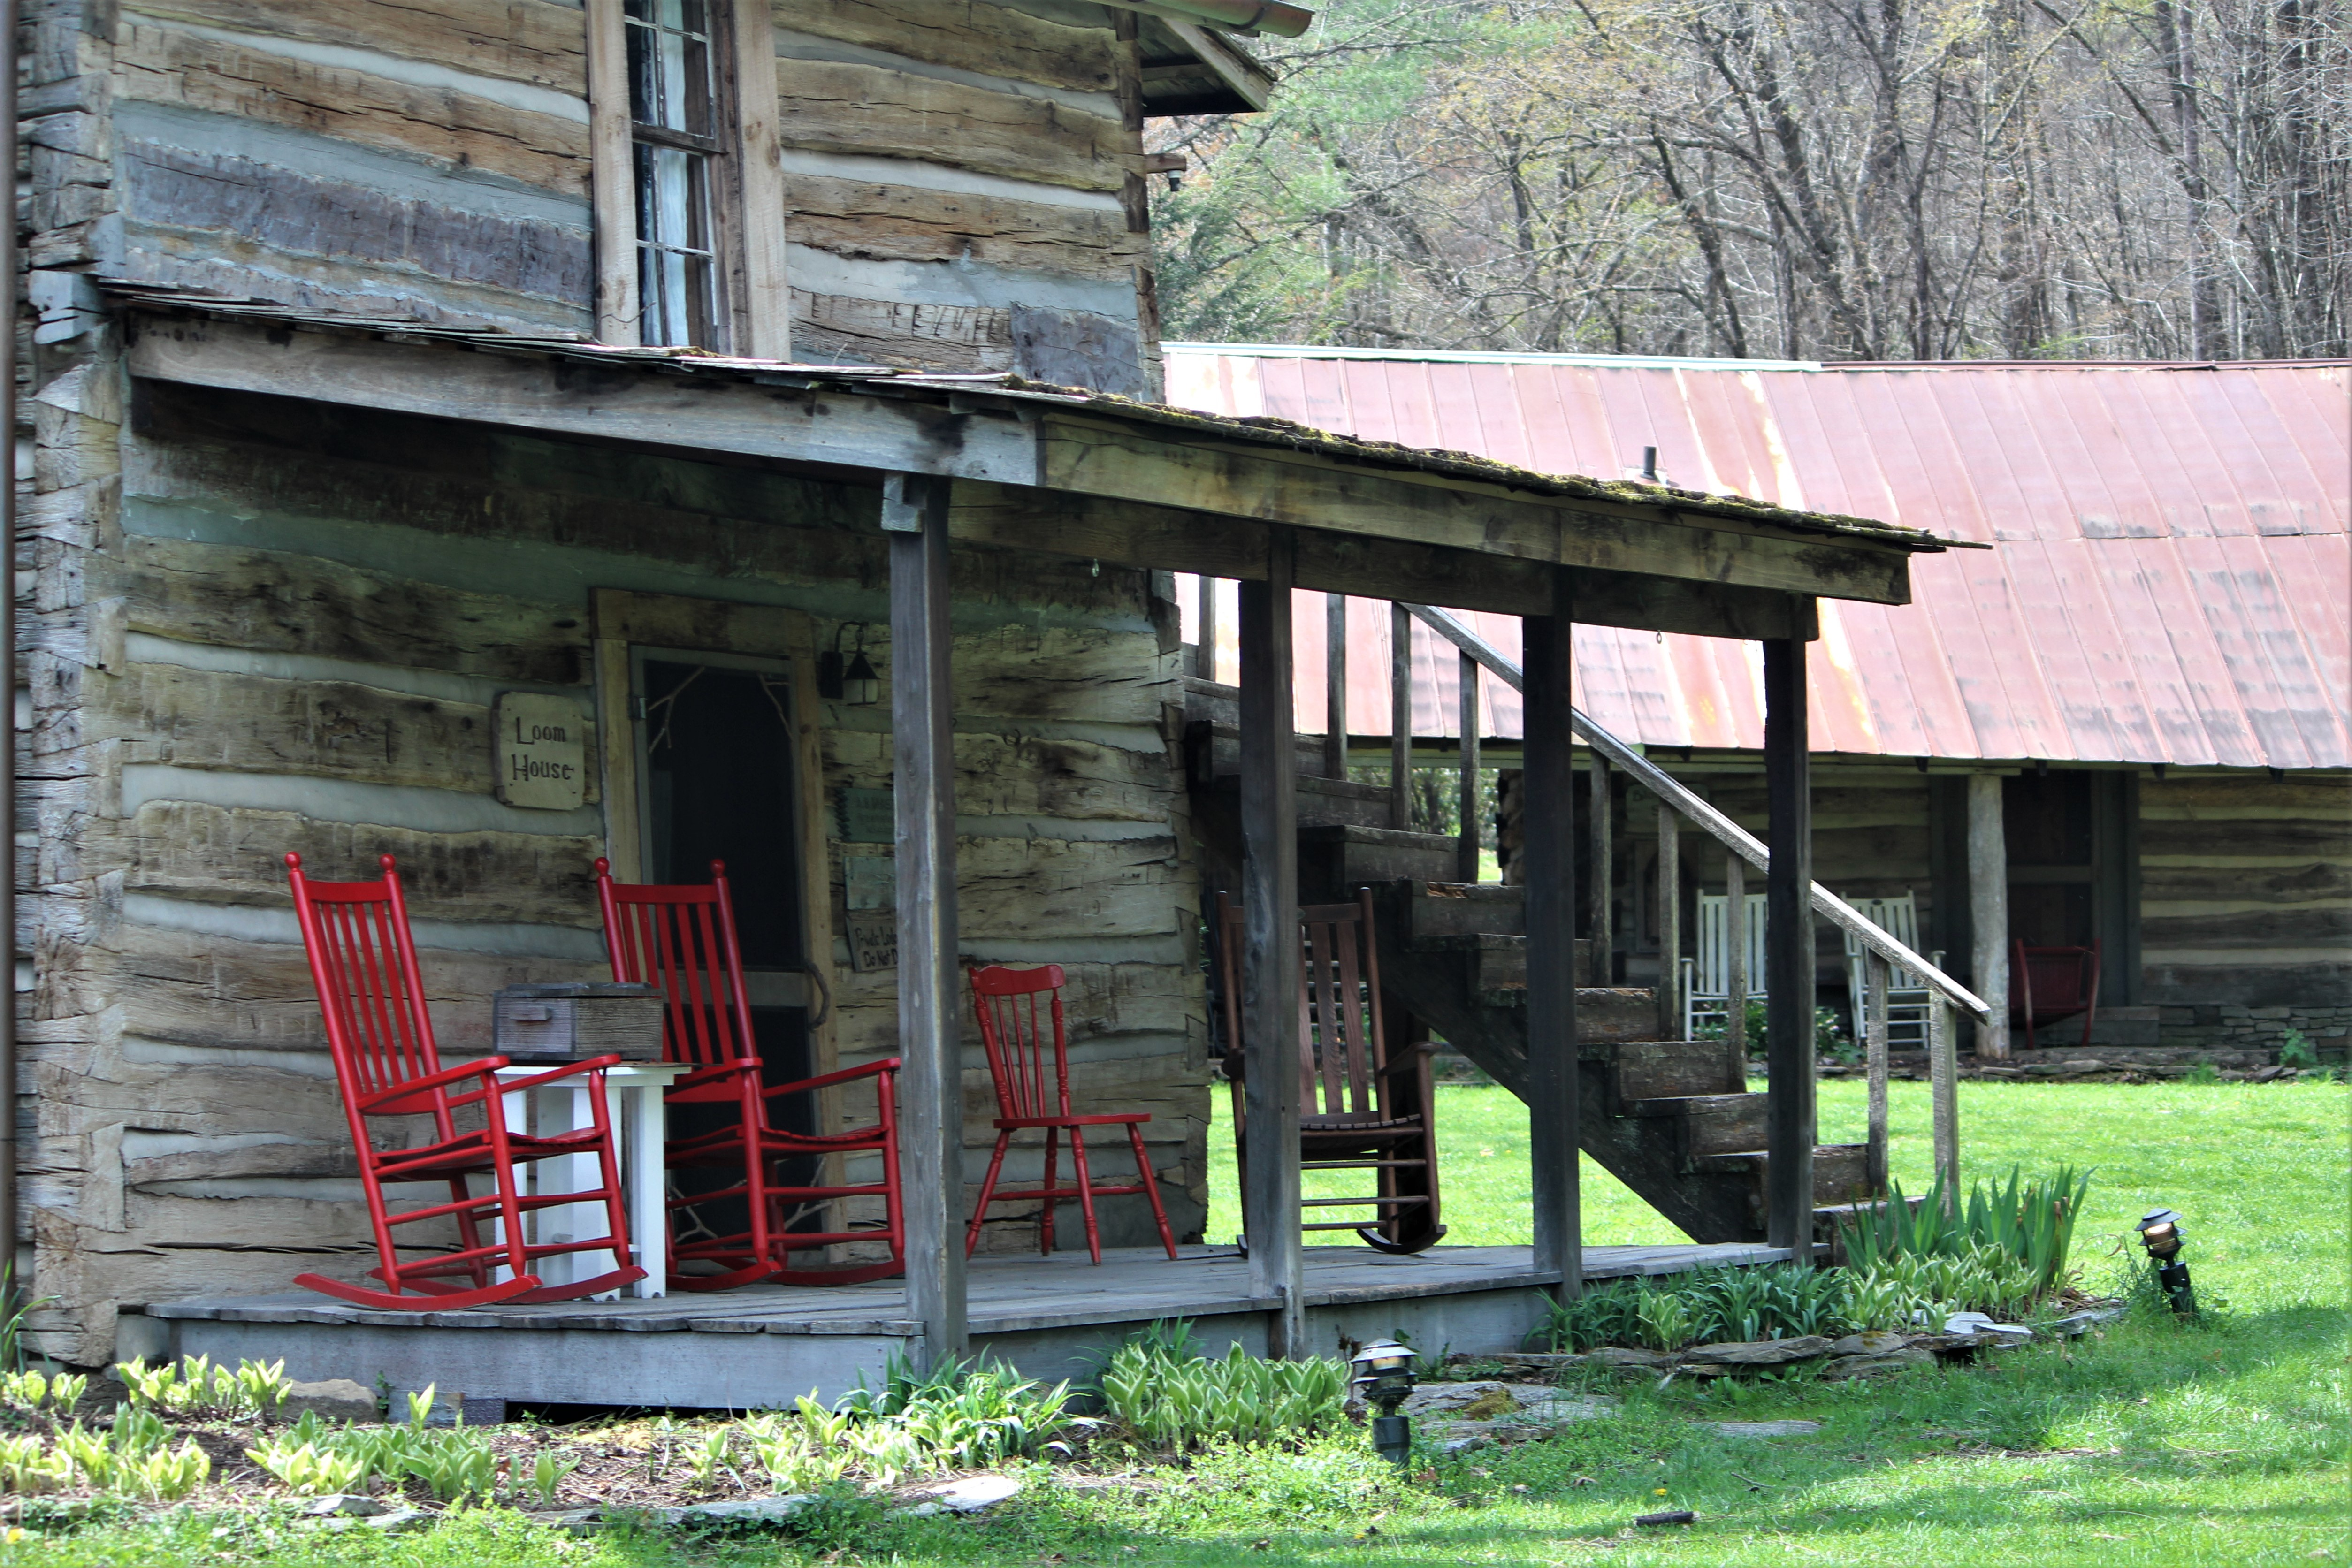 Lane House Porch, Mast Farm Inn, Valle Crucis, NC